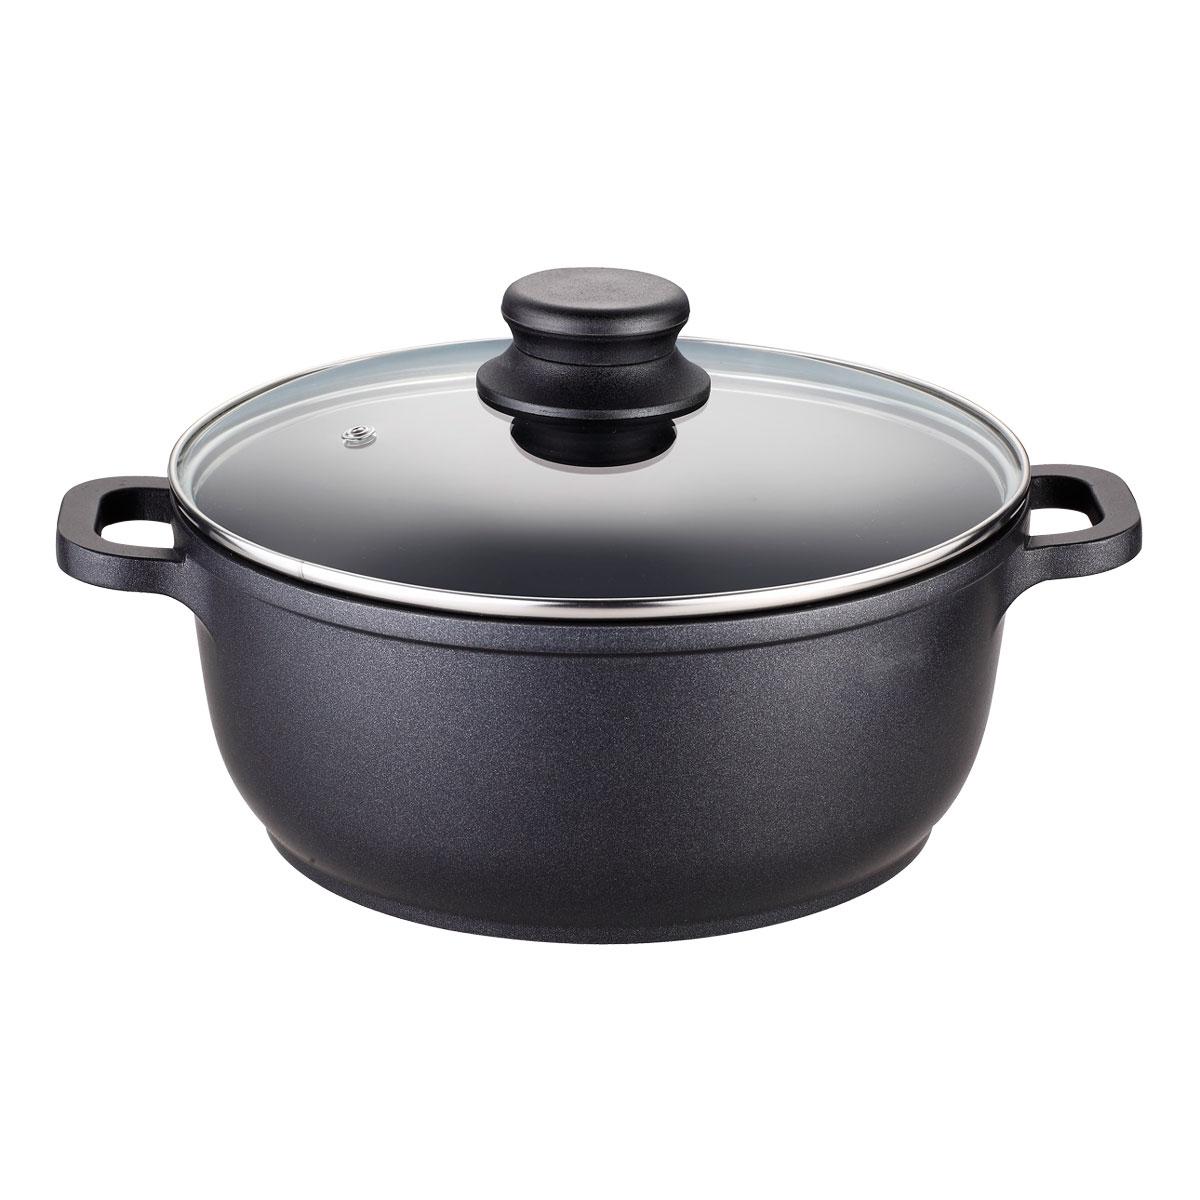 Кастрюля EcoWoo с крышкой, c антипригарным покрытием, 20х8,5 см, 2,3 л1005096UПодходит для использования в посудомоечной машине. Не использовать в СВЧ печи, духовом шкафу.